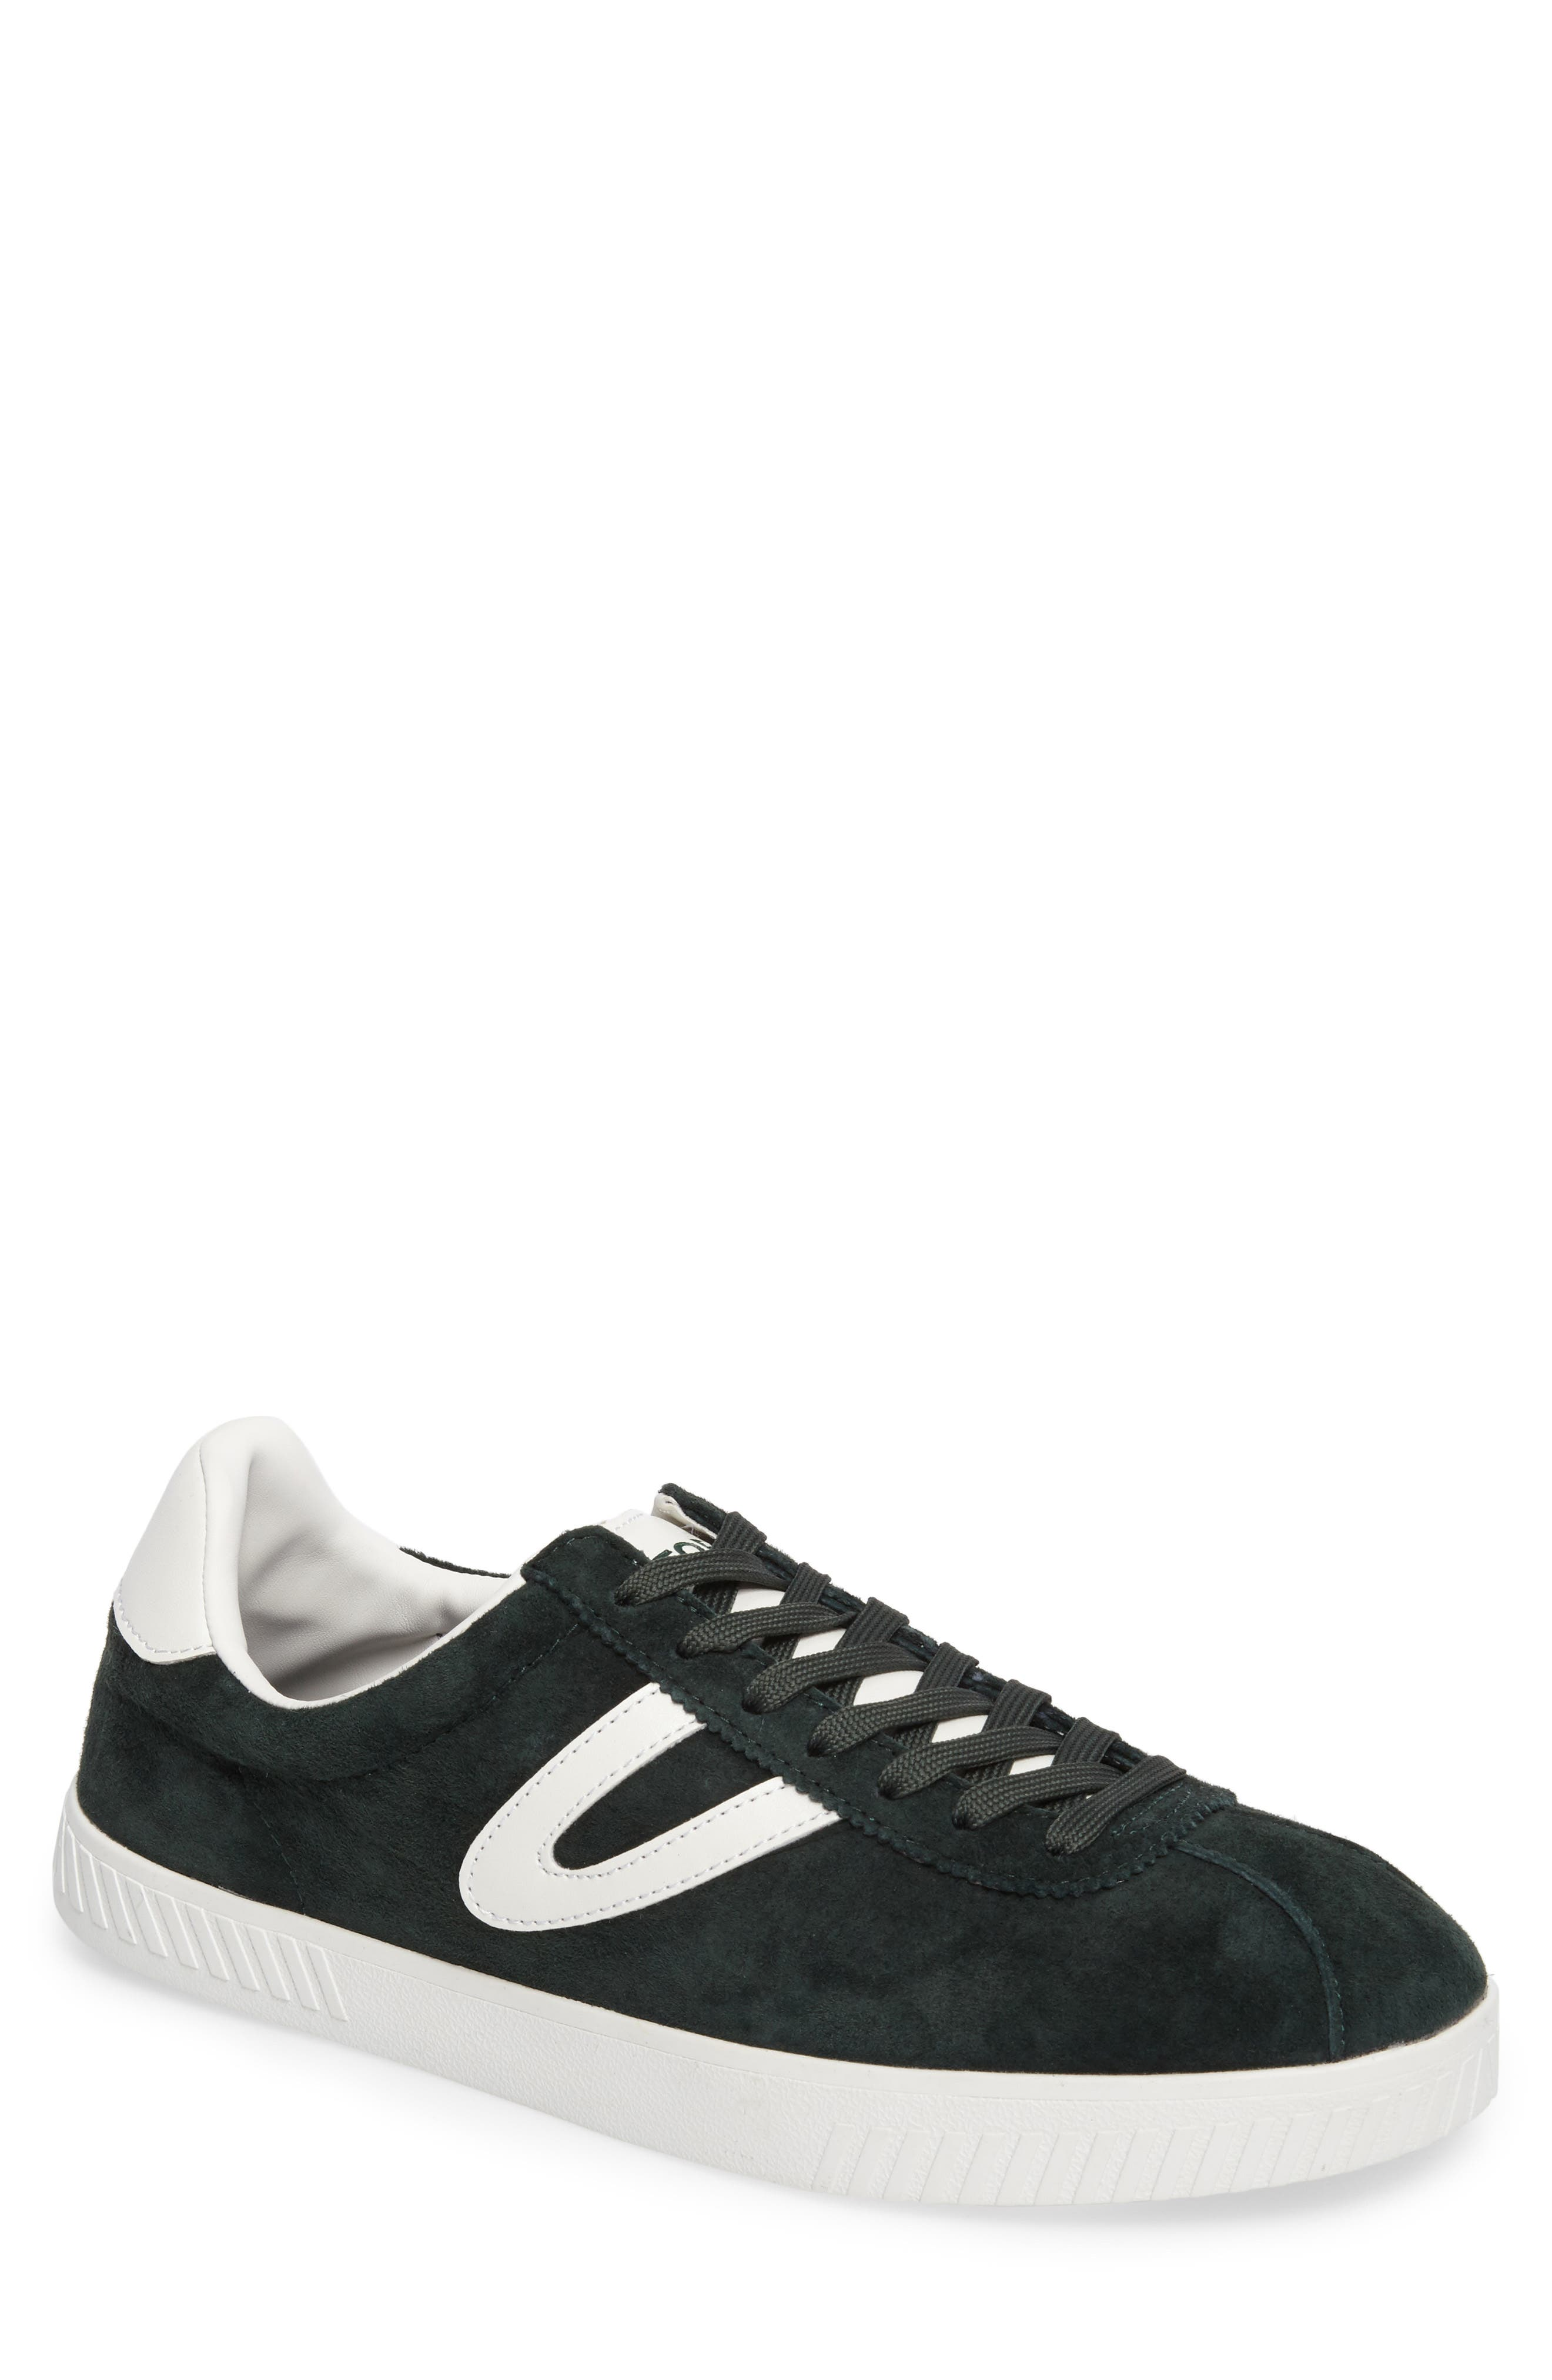 Tretorn Camden 3 Sneaker (Men)